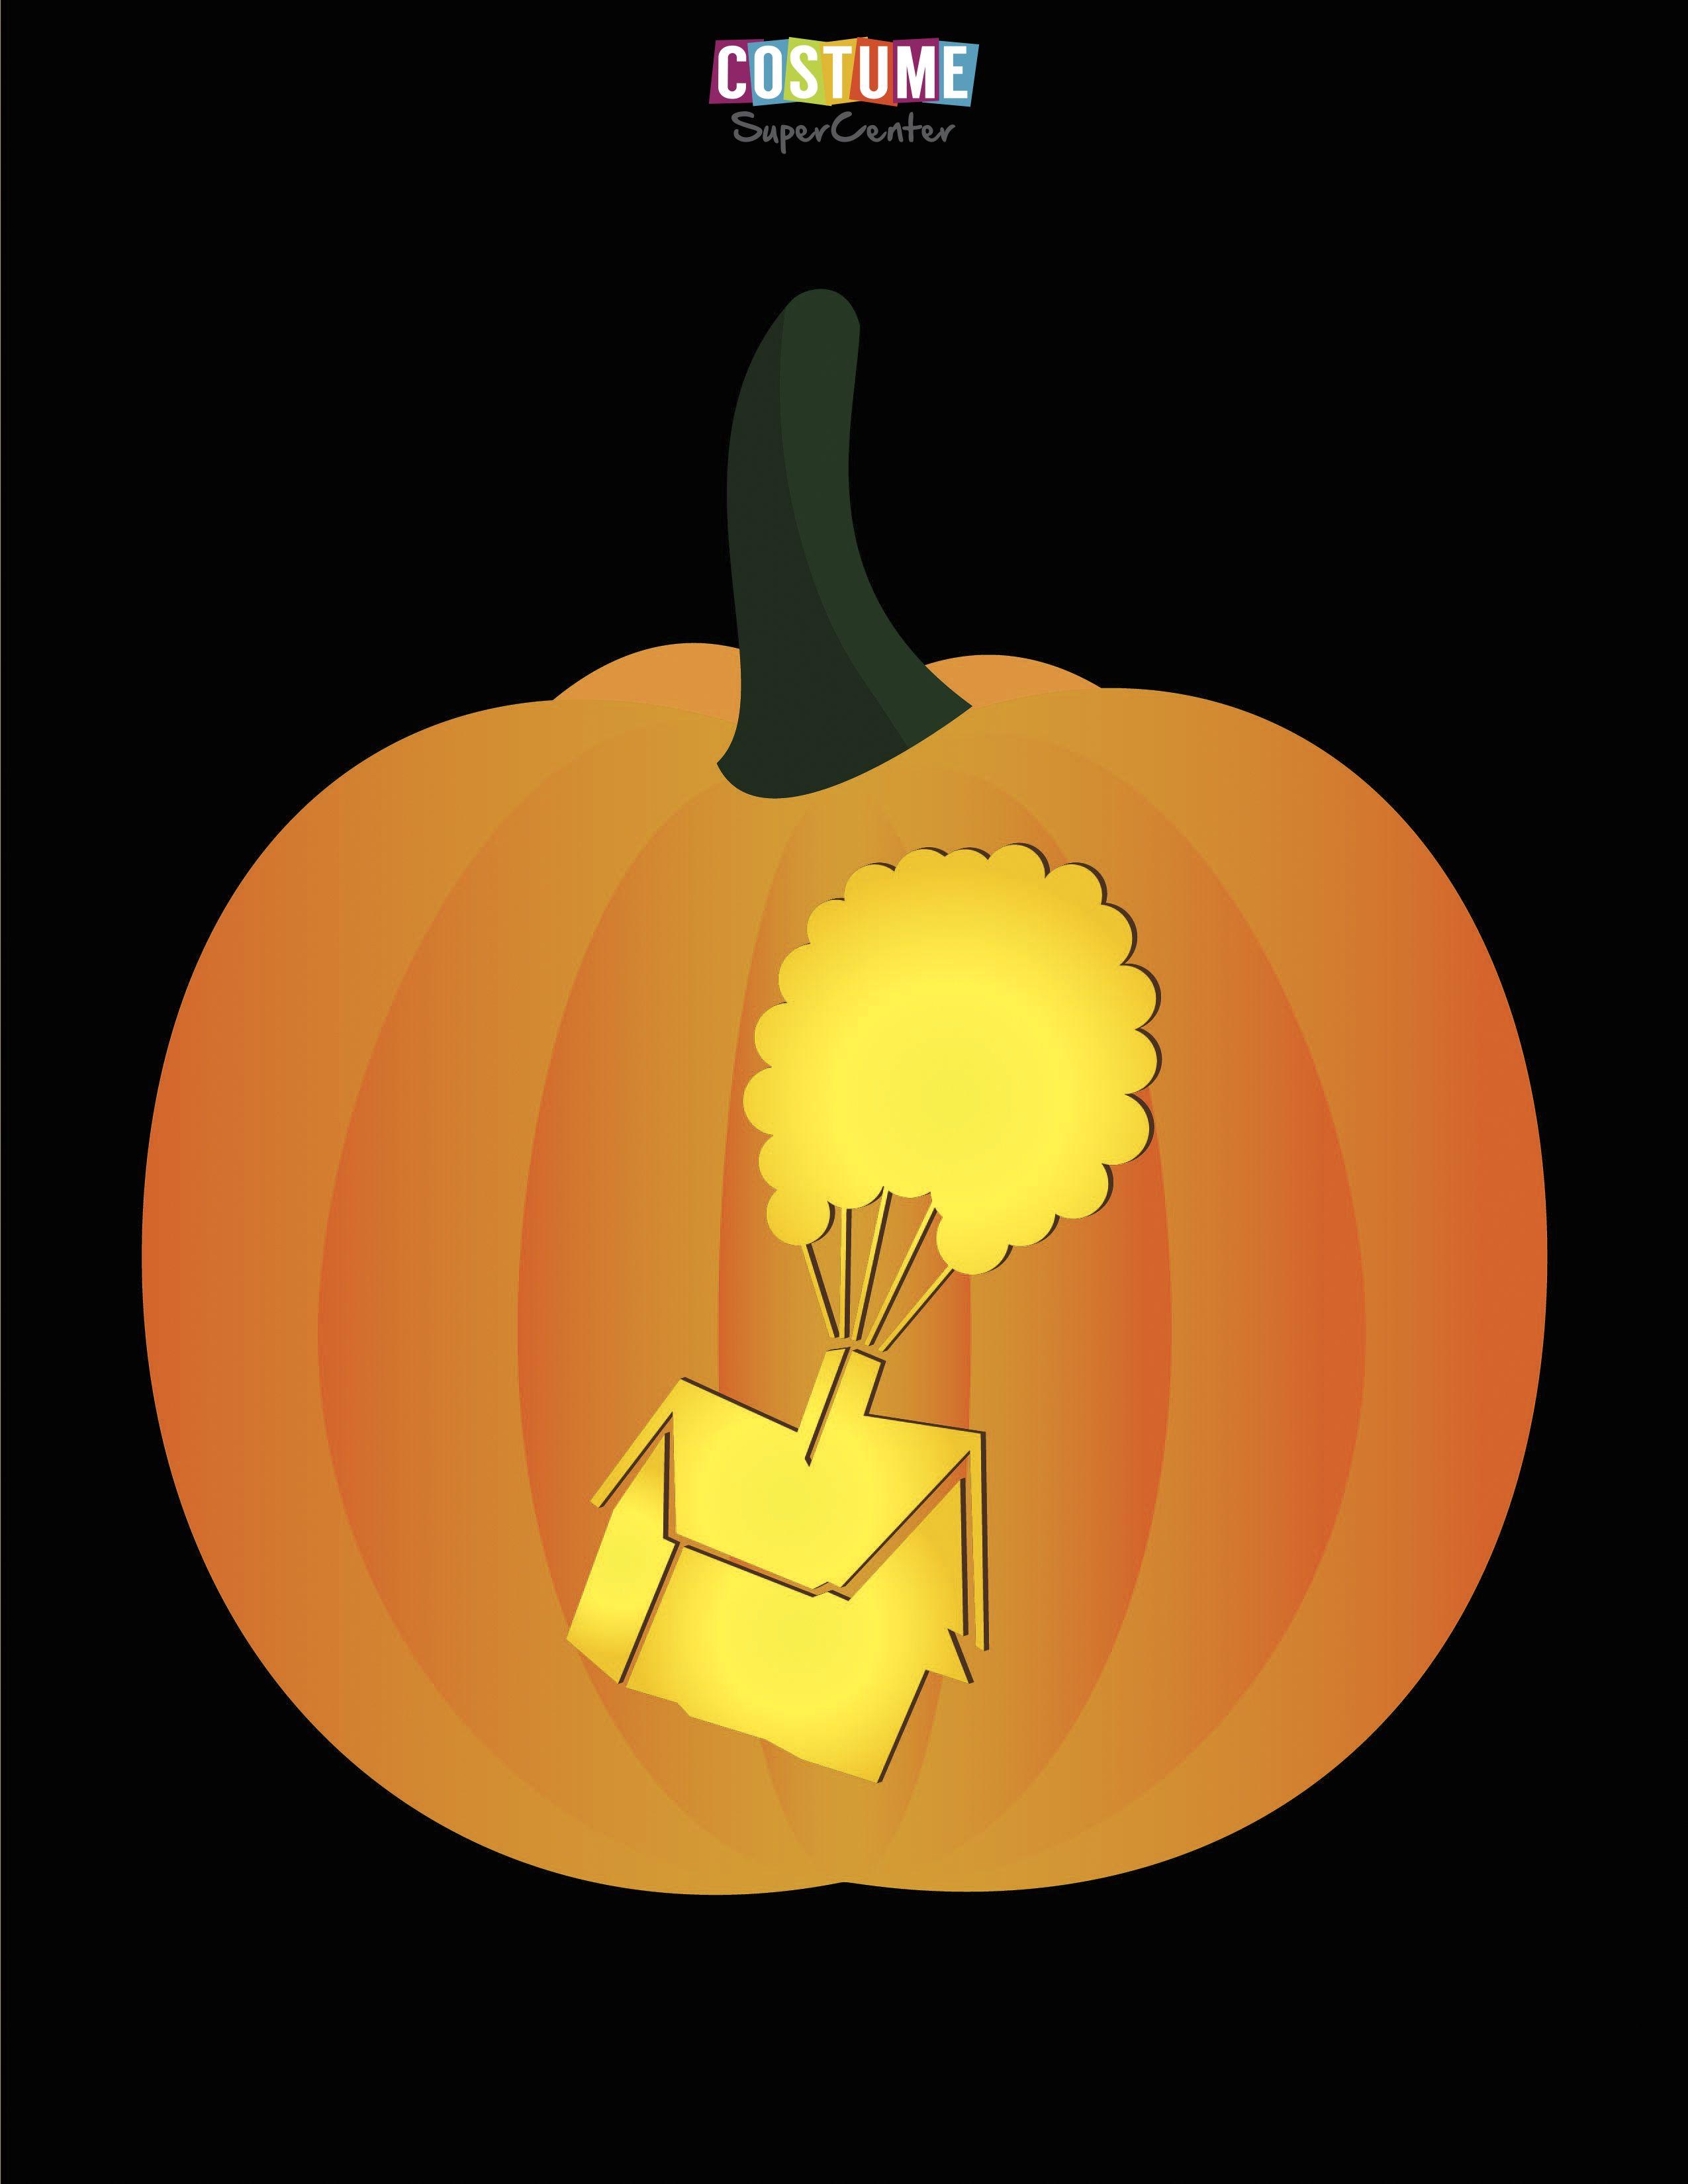 Disney-Pixar Pumpkin Carving Stencils   disney Pixar, Stenciling and ...